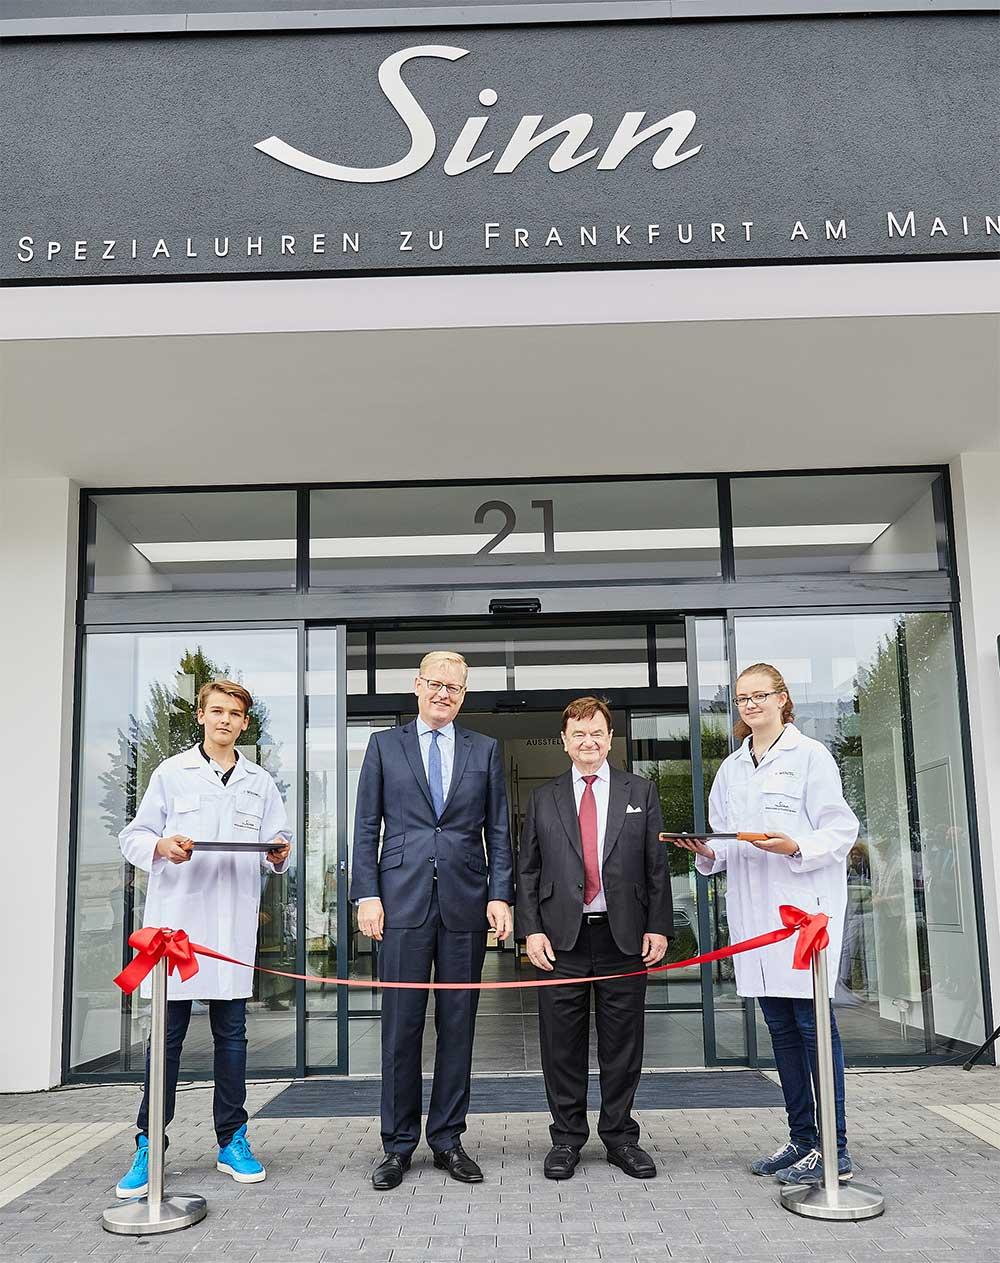 Sinn, Wilhelm-Fay-Strasse 21, Frankfurt